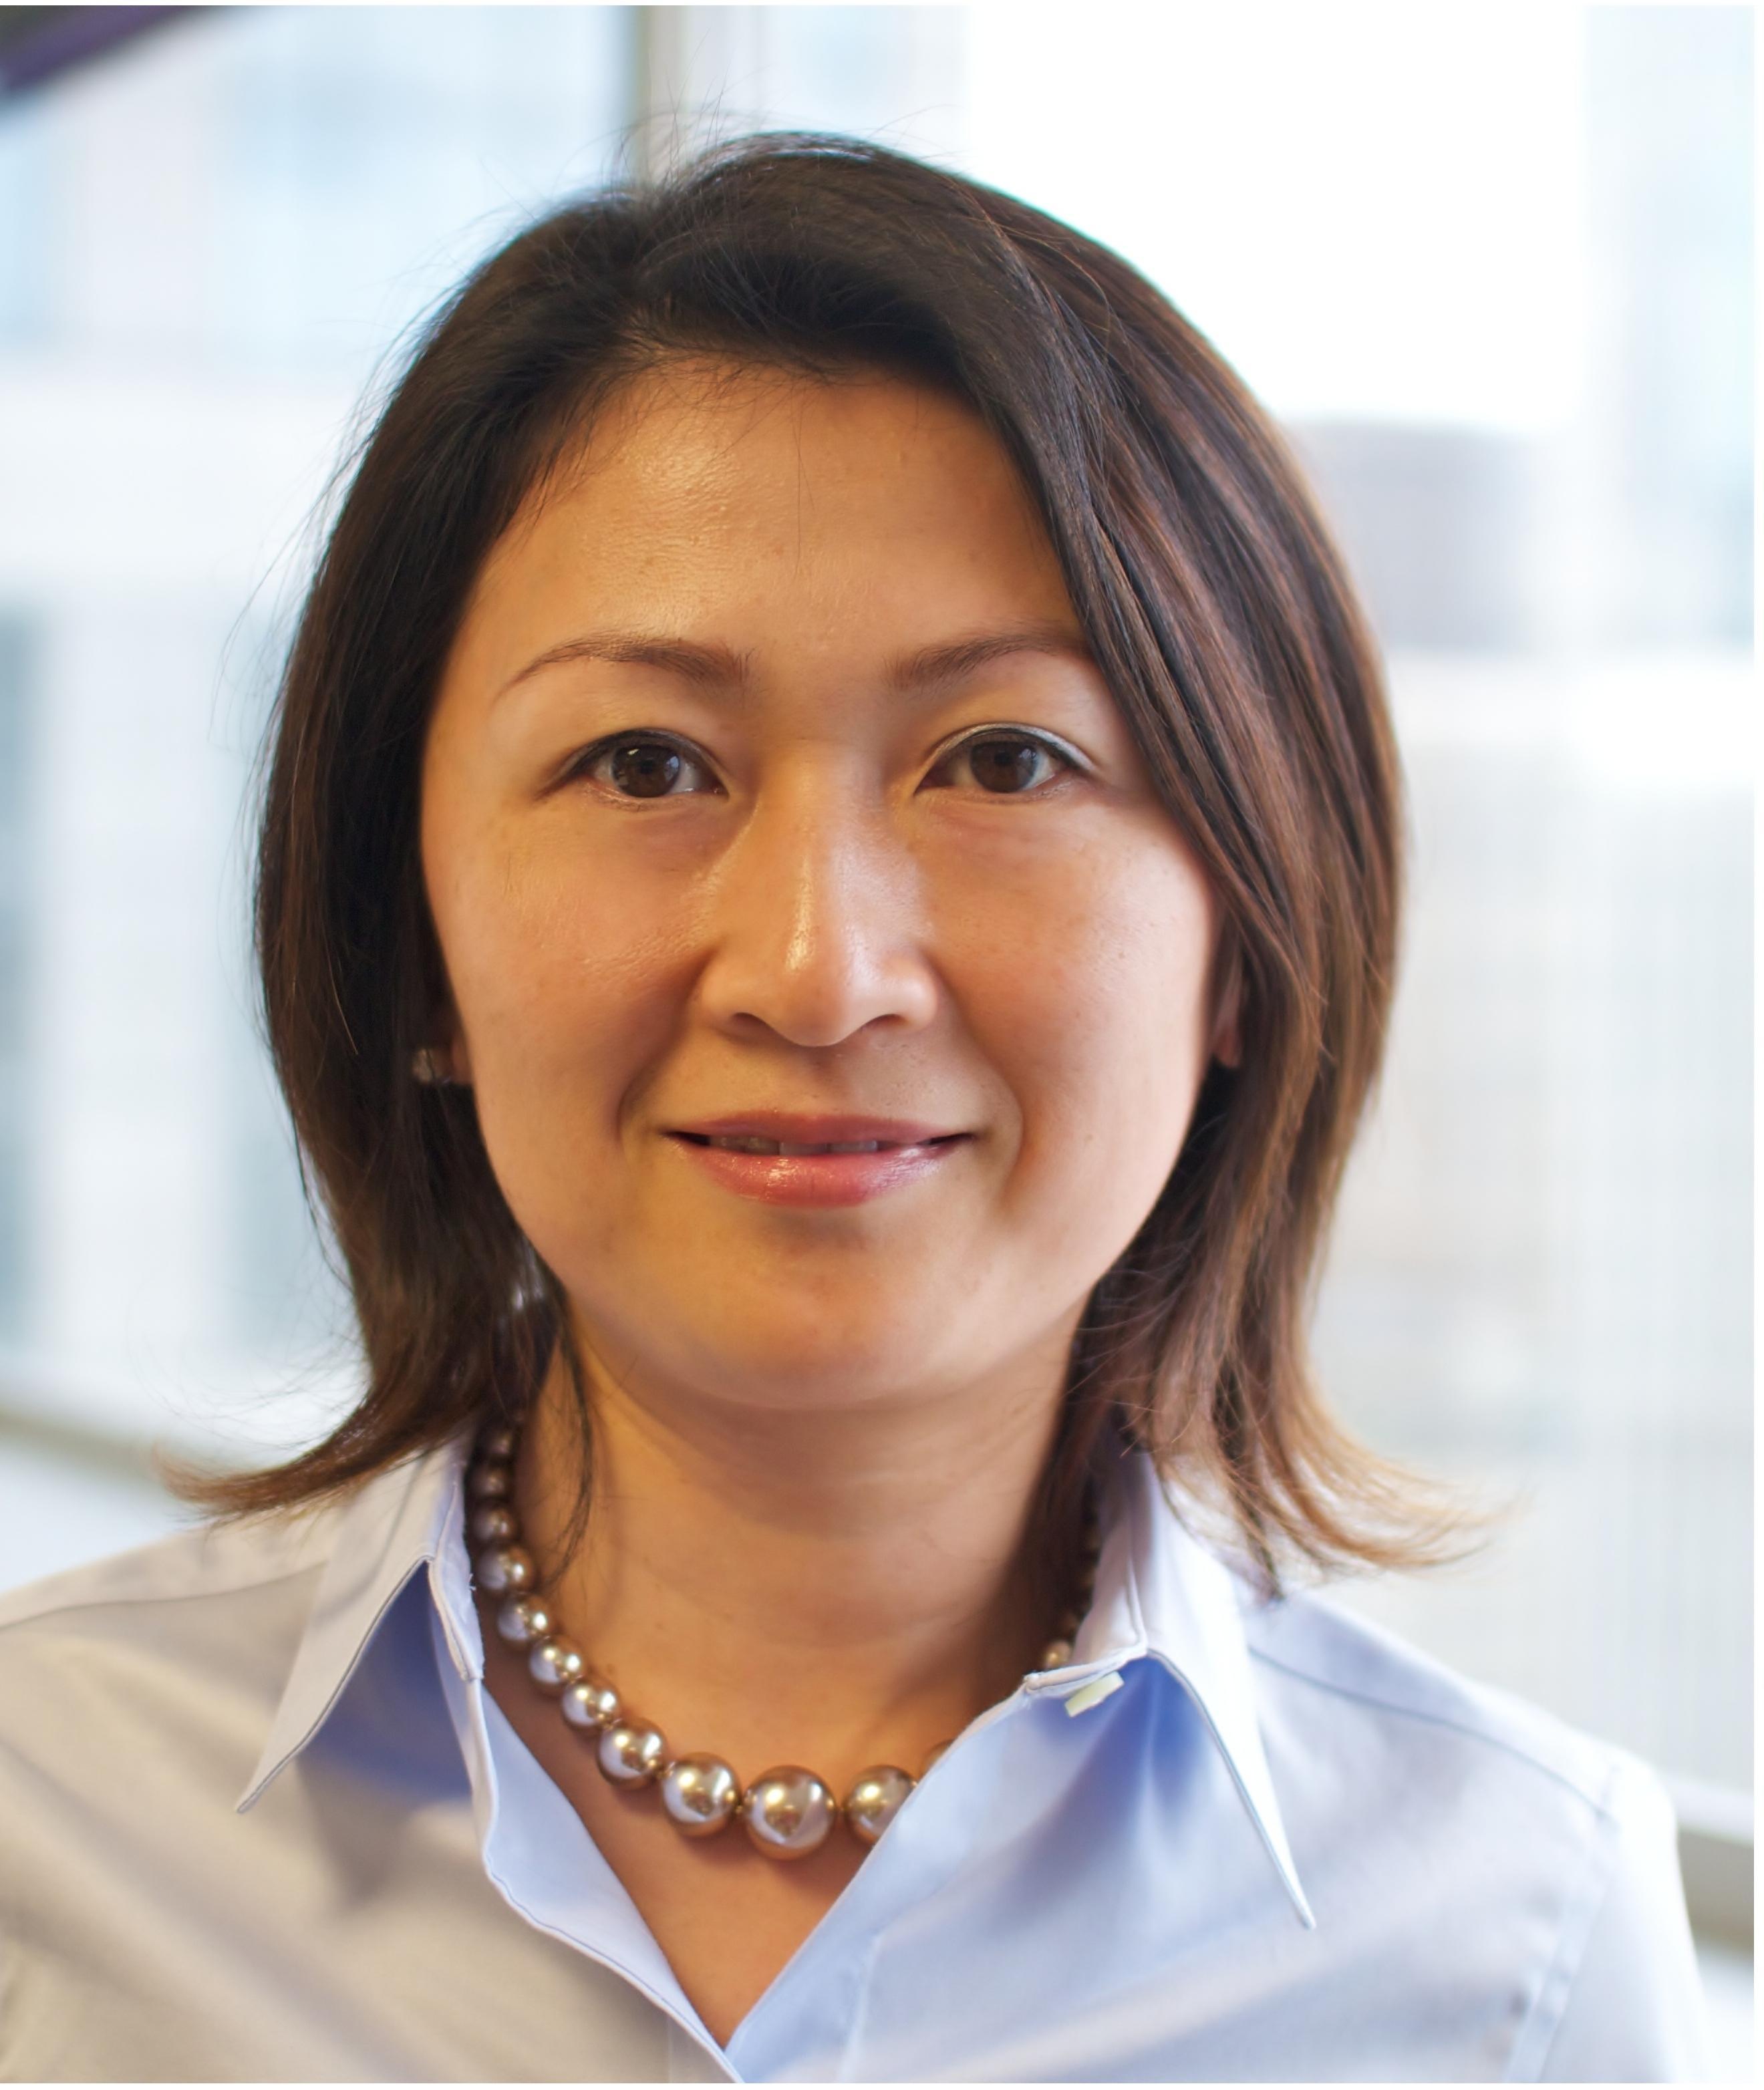 Chen Zhao Marchex